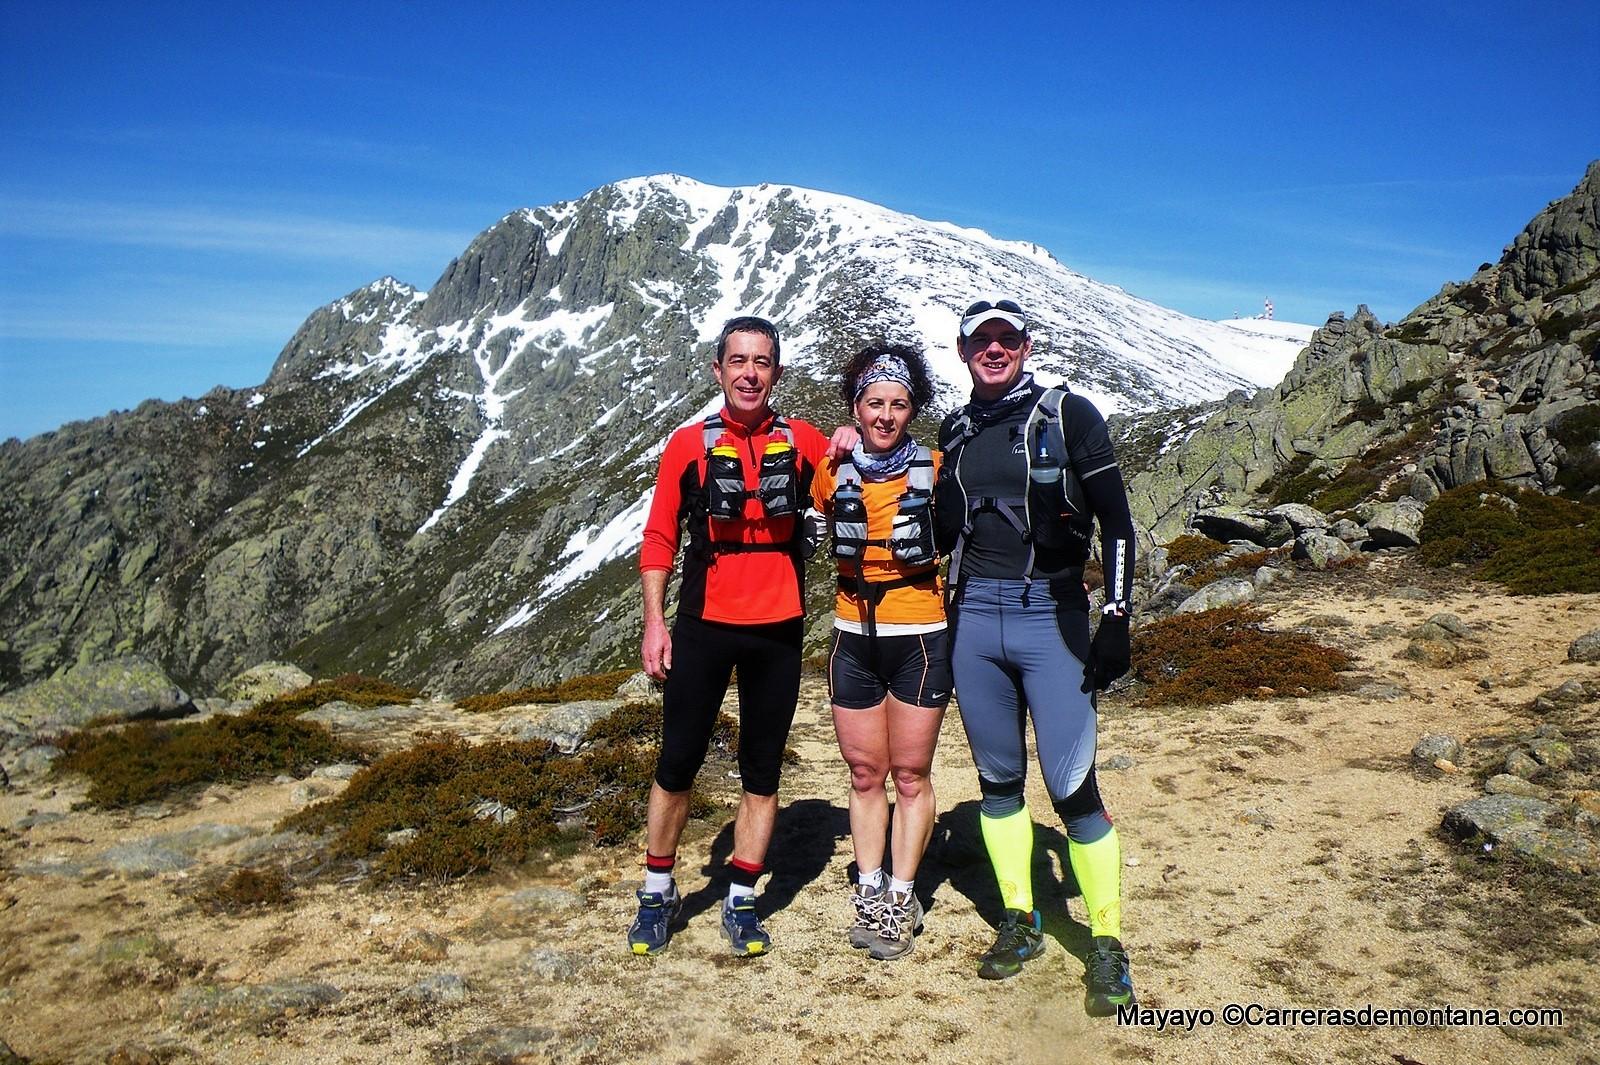 SENDERISMO MADRID: CRUZAPEDRIZA 2018 CELEBRA SU 10ª EDICIÓN 15ABR. Marchas trekking y trail por la Sierra del Guadarrama (10k-19k-27k)